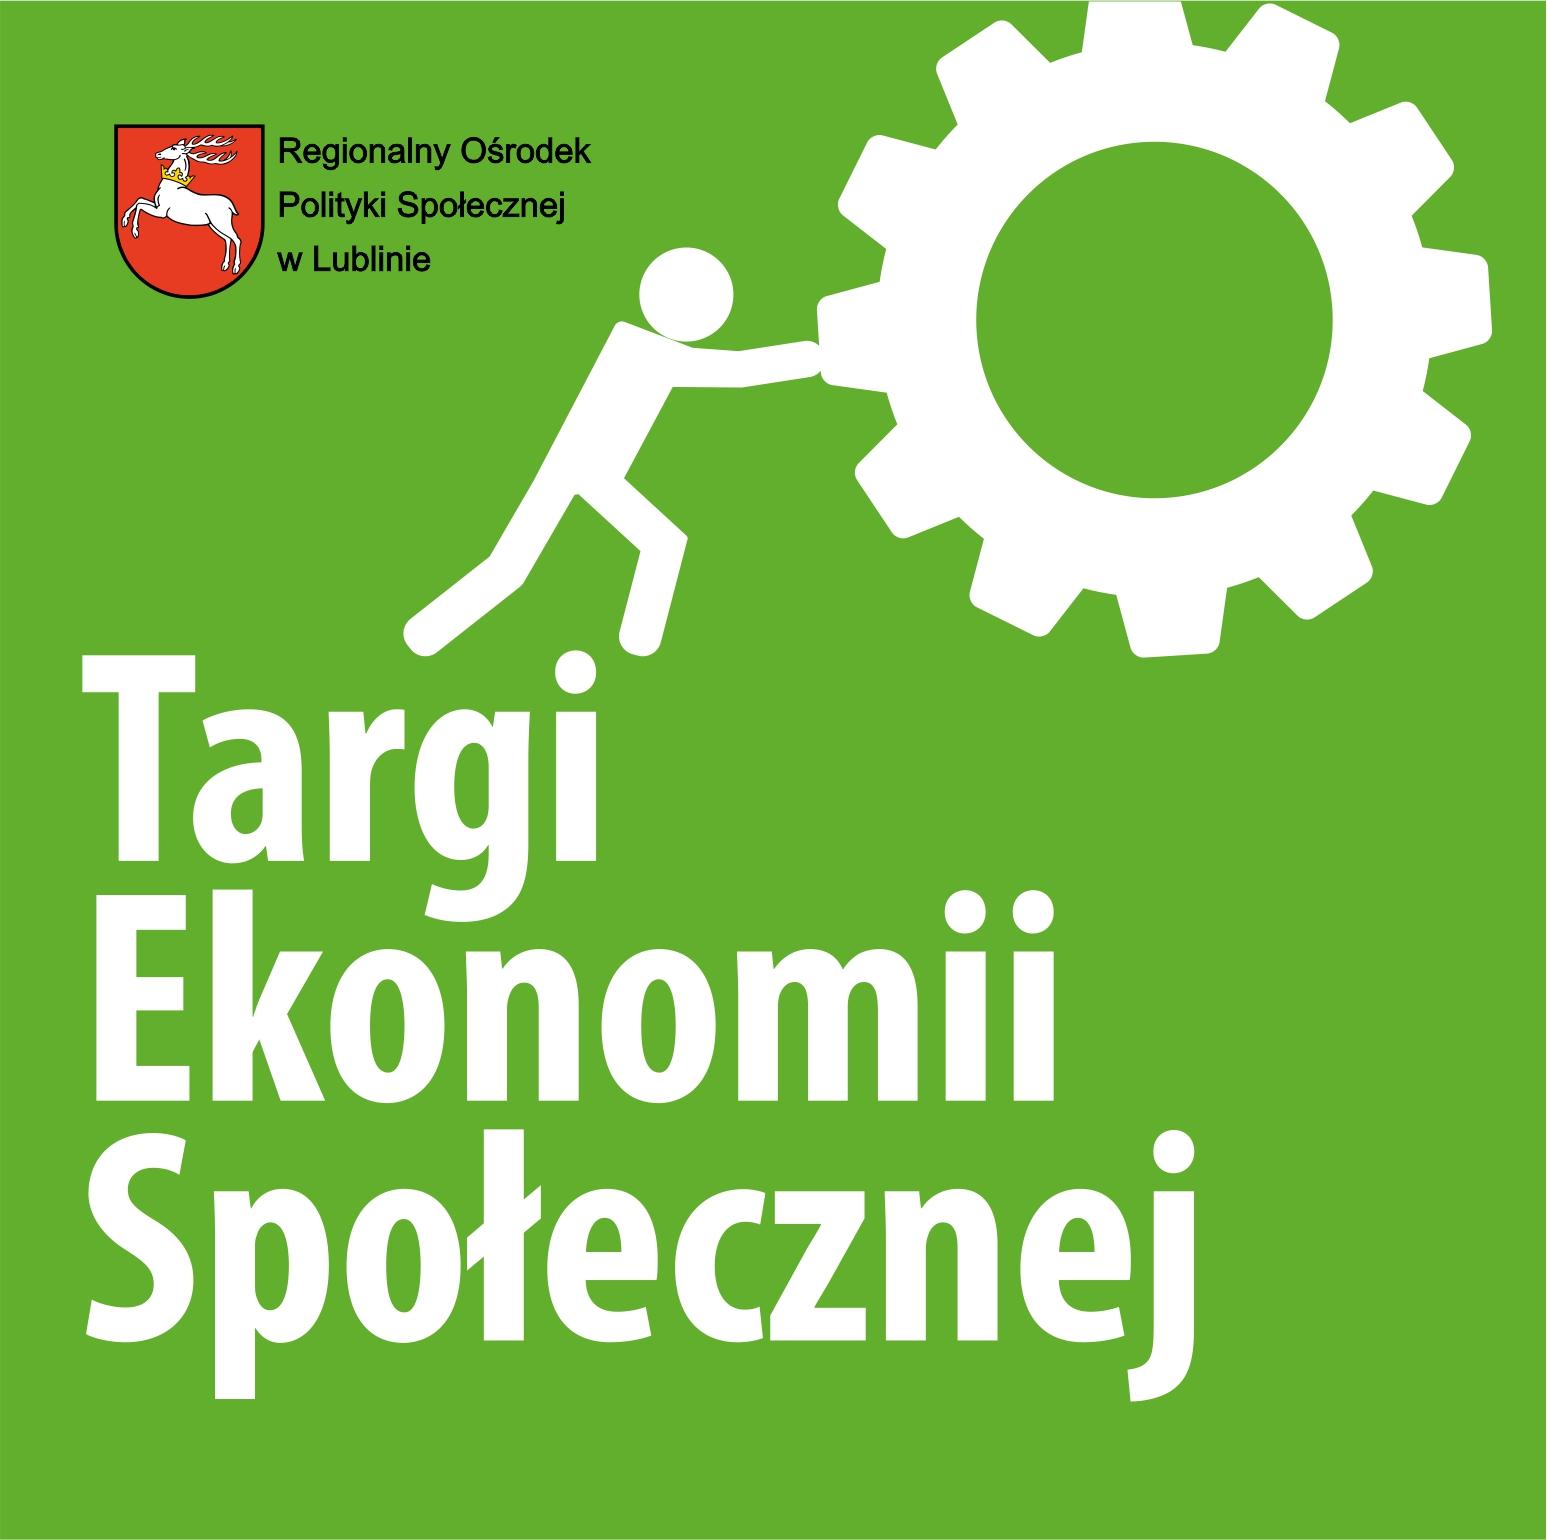 Targi Ekonomii Społecznej